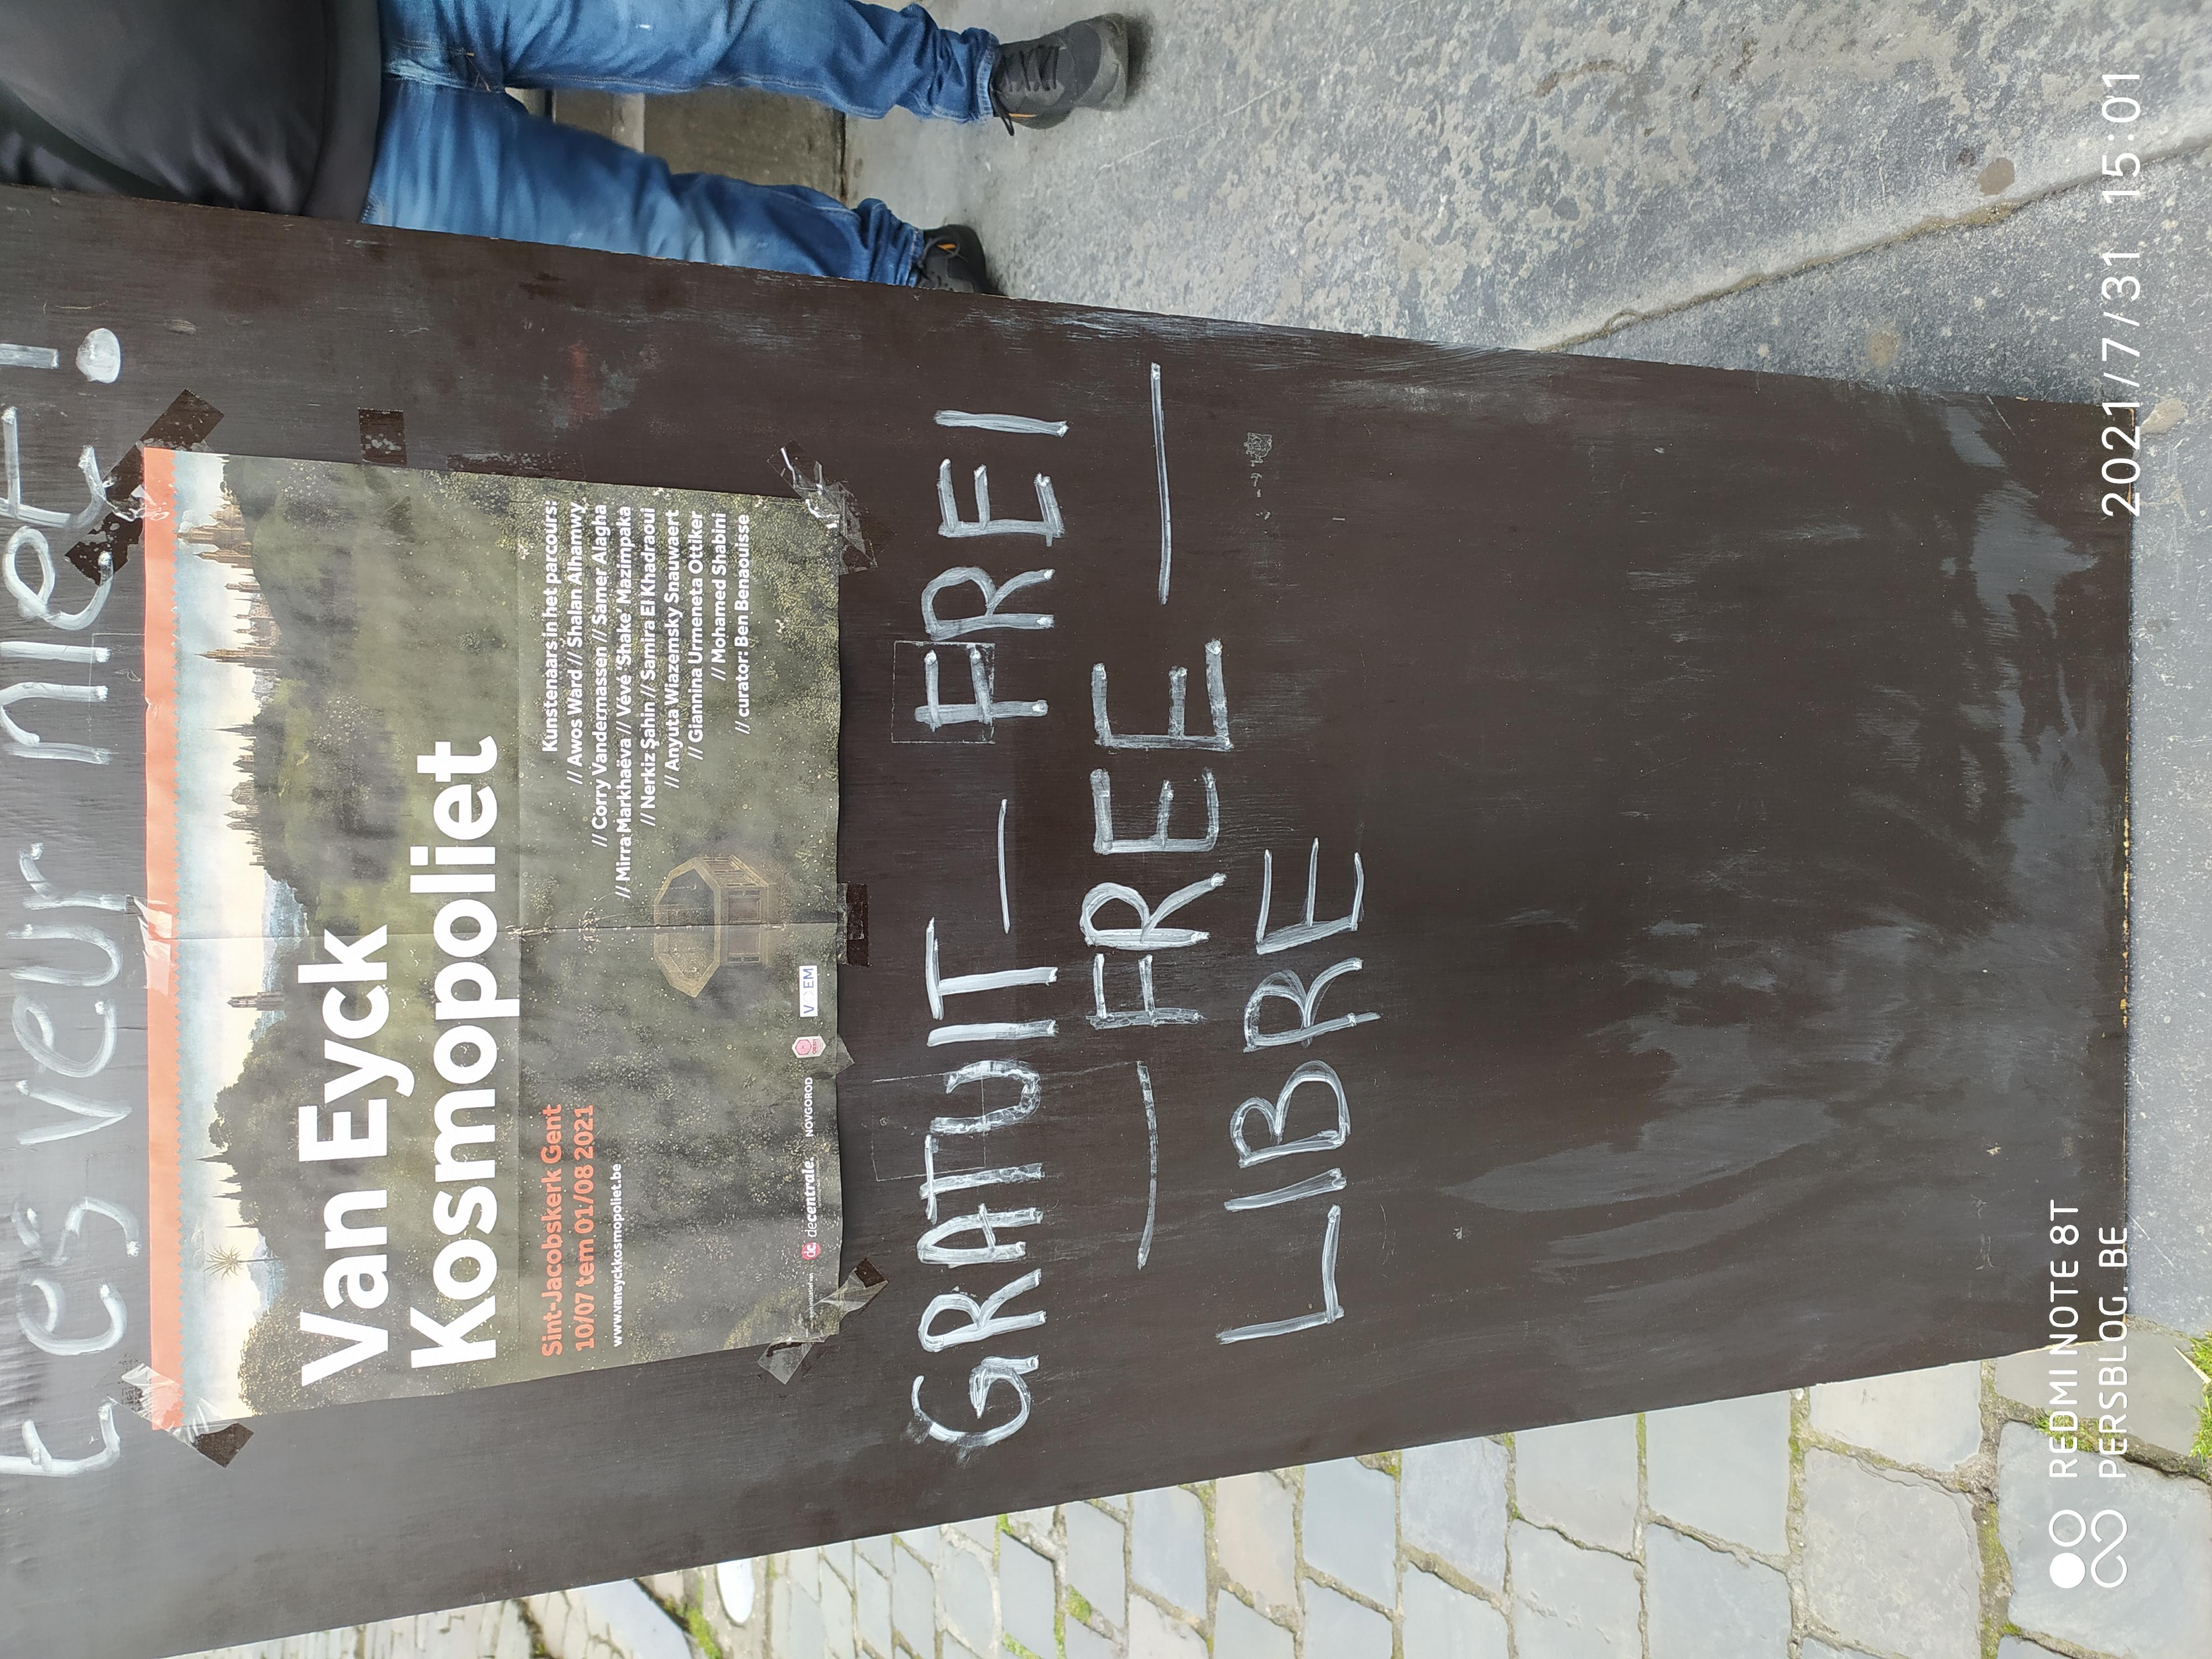 3 Bij Sint-Jacobs - Sint-Jacobskerk - kunstexpositie (1)